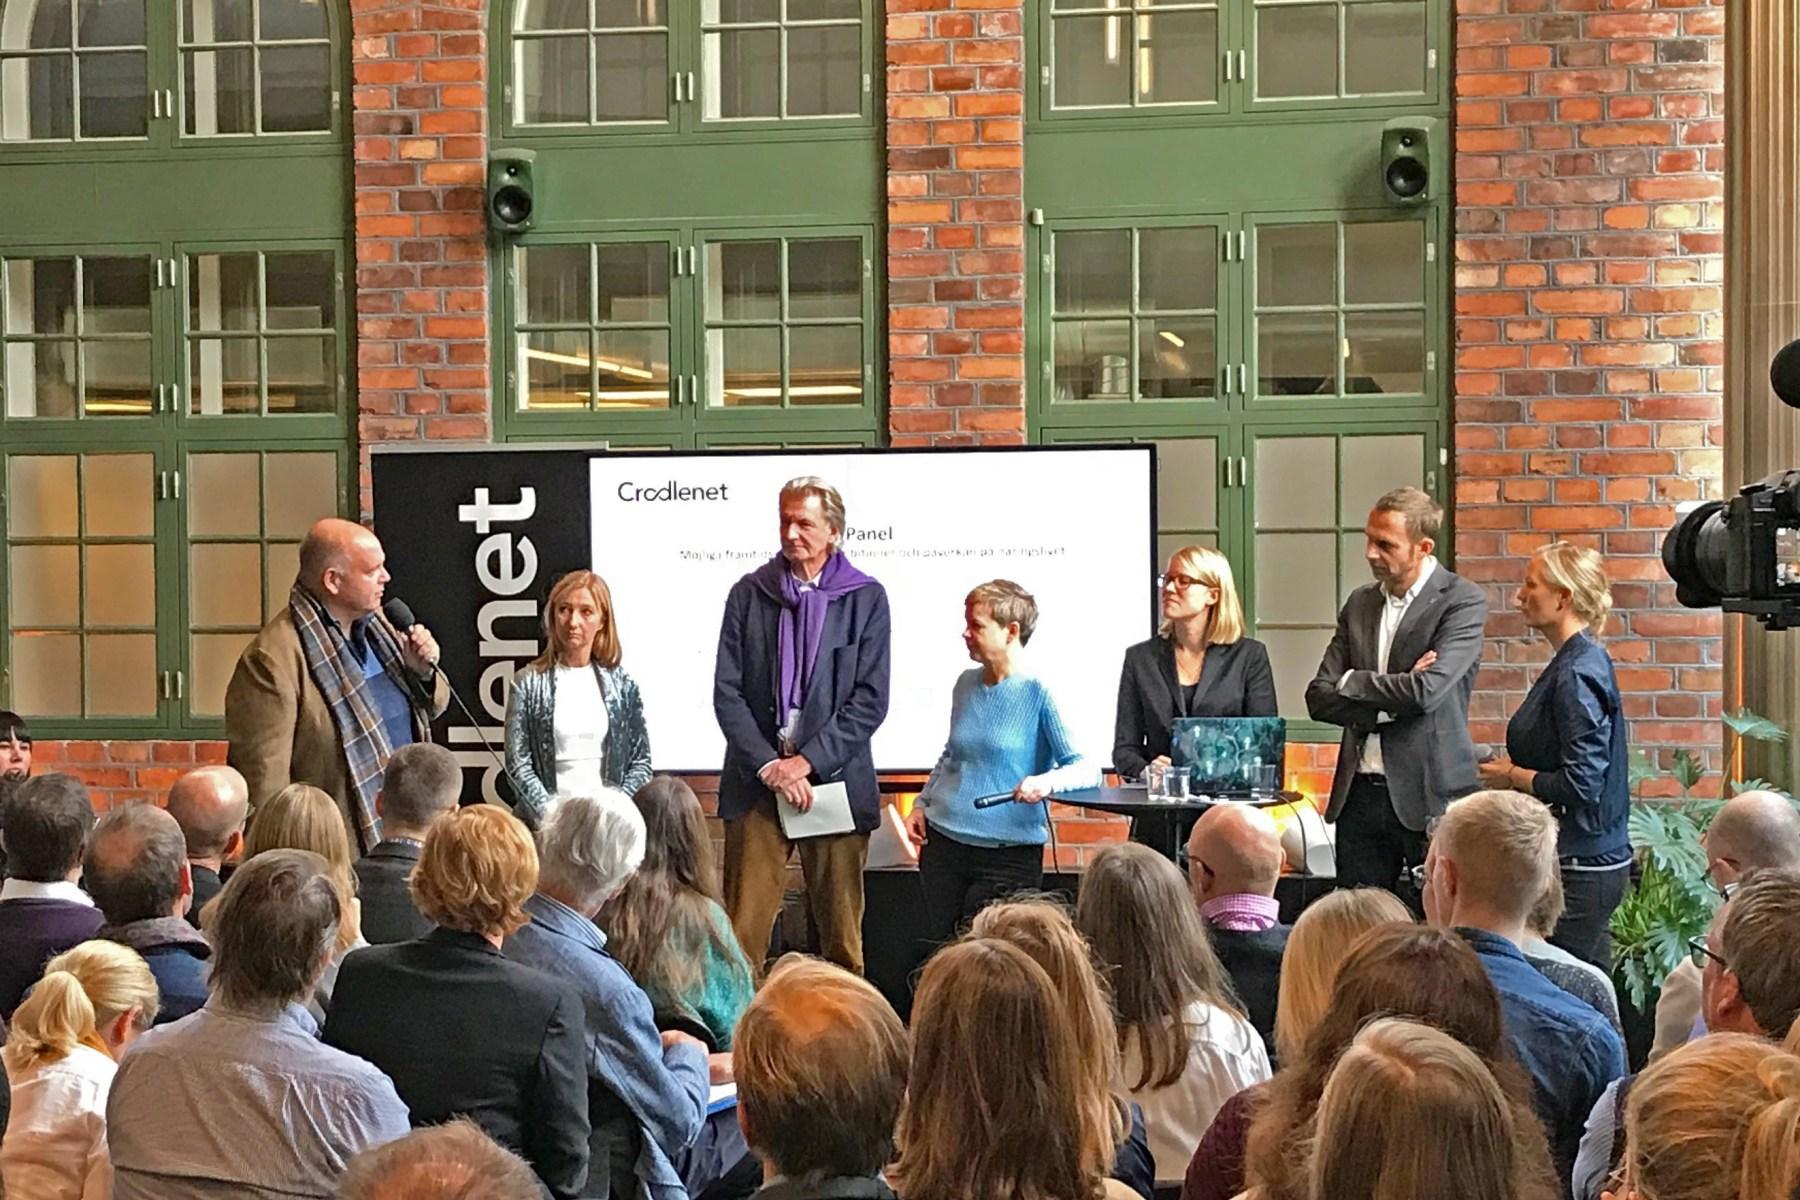 Sju personer står framför en publik